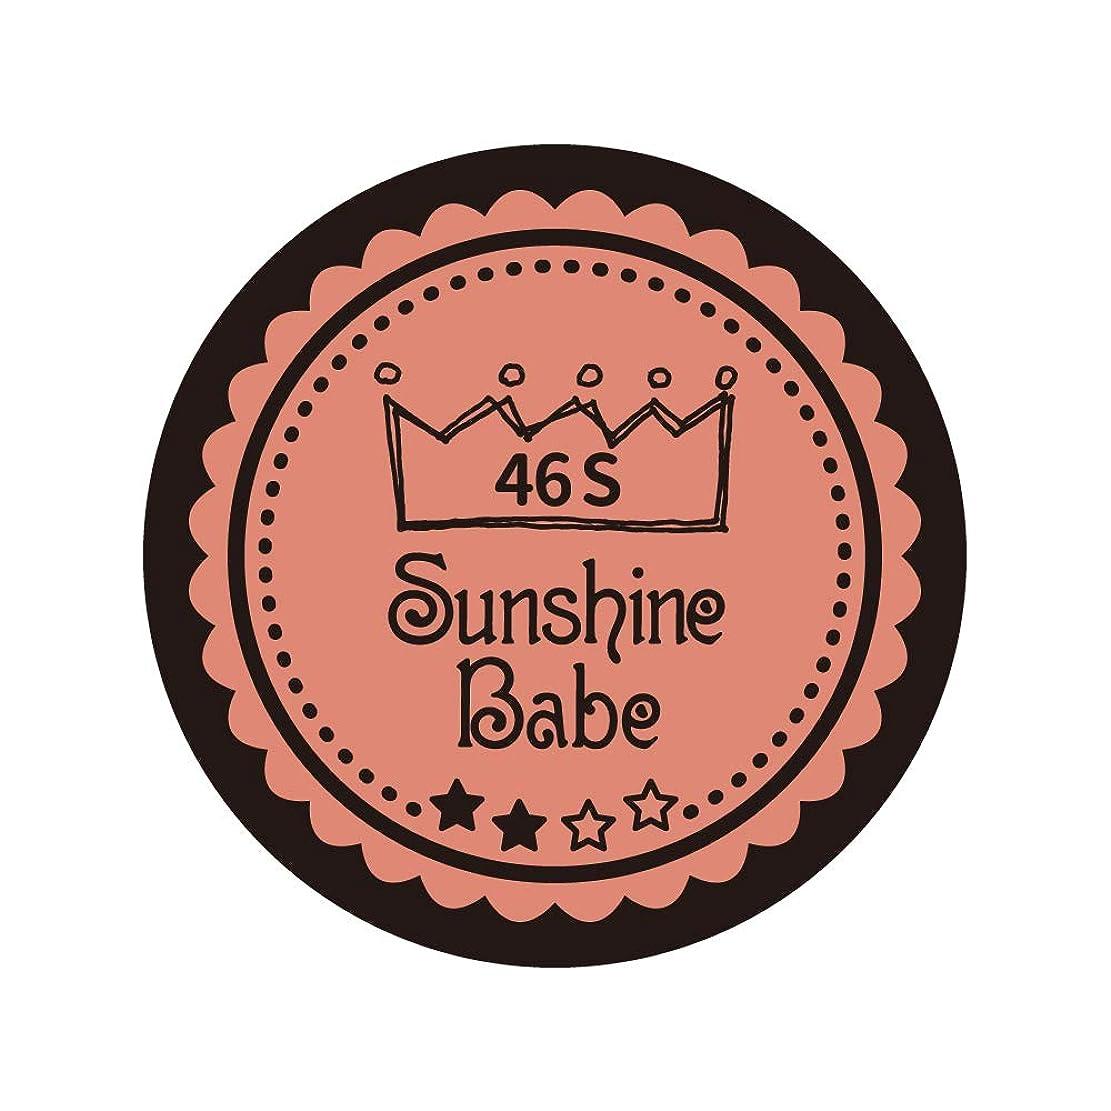 うっかり呼び出す高速道路Sunshine Babe カラージェル 46S ピンクベージュ 2.7g UV/LED対応